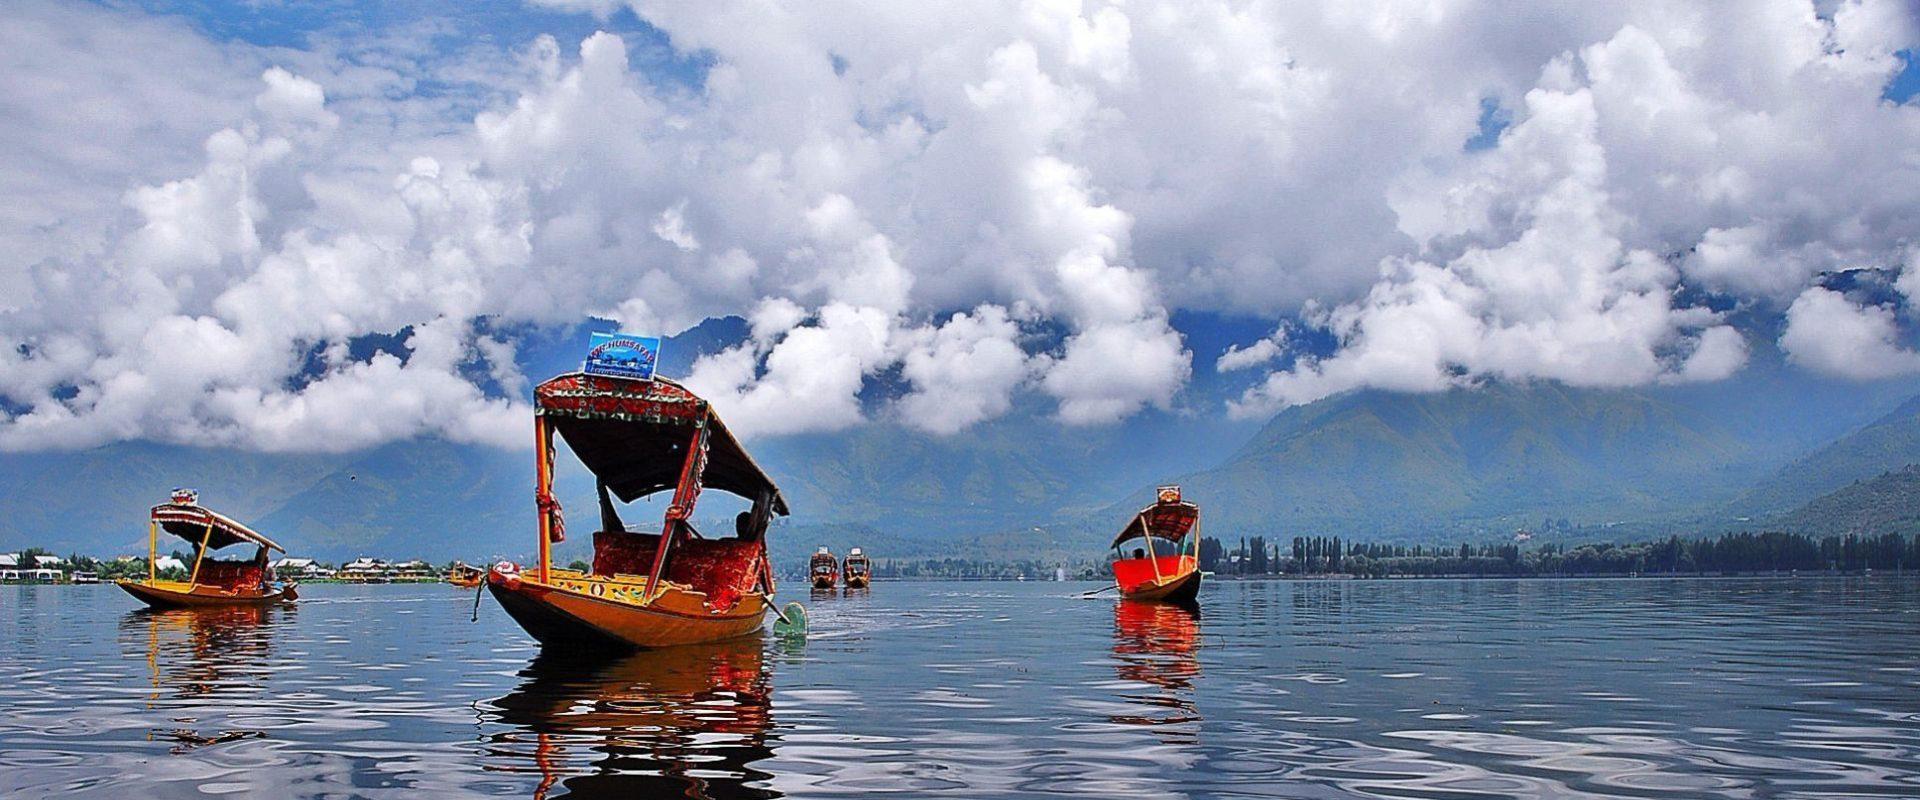 Best Travel Agency in Srinagar, Kashmir | Travel Agents in Kashmir | Kashmir Tour Packages | Holidays Hunt Travel